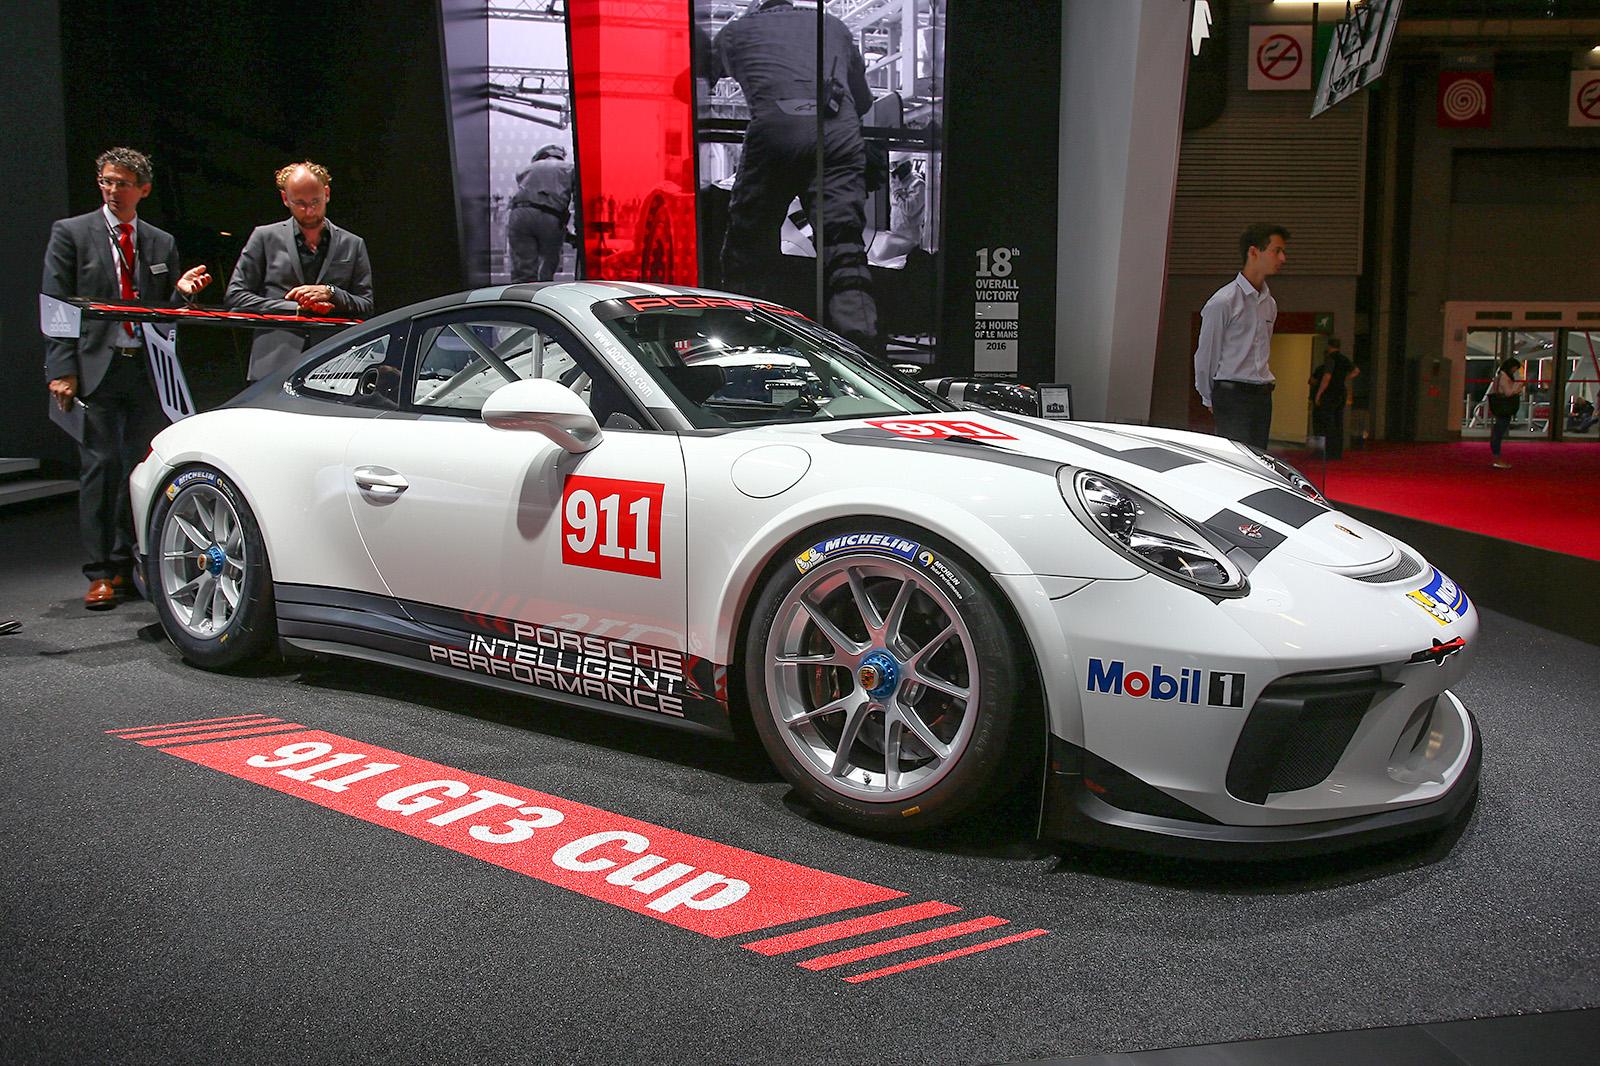 Porsche 911 gt3 rs review 2017 autocar - Porsche 911 Gt3 Rs Review 2017 Autocar 10